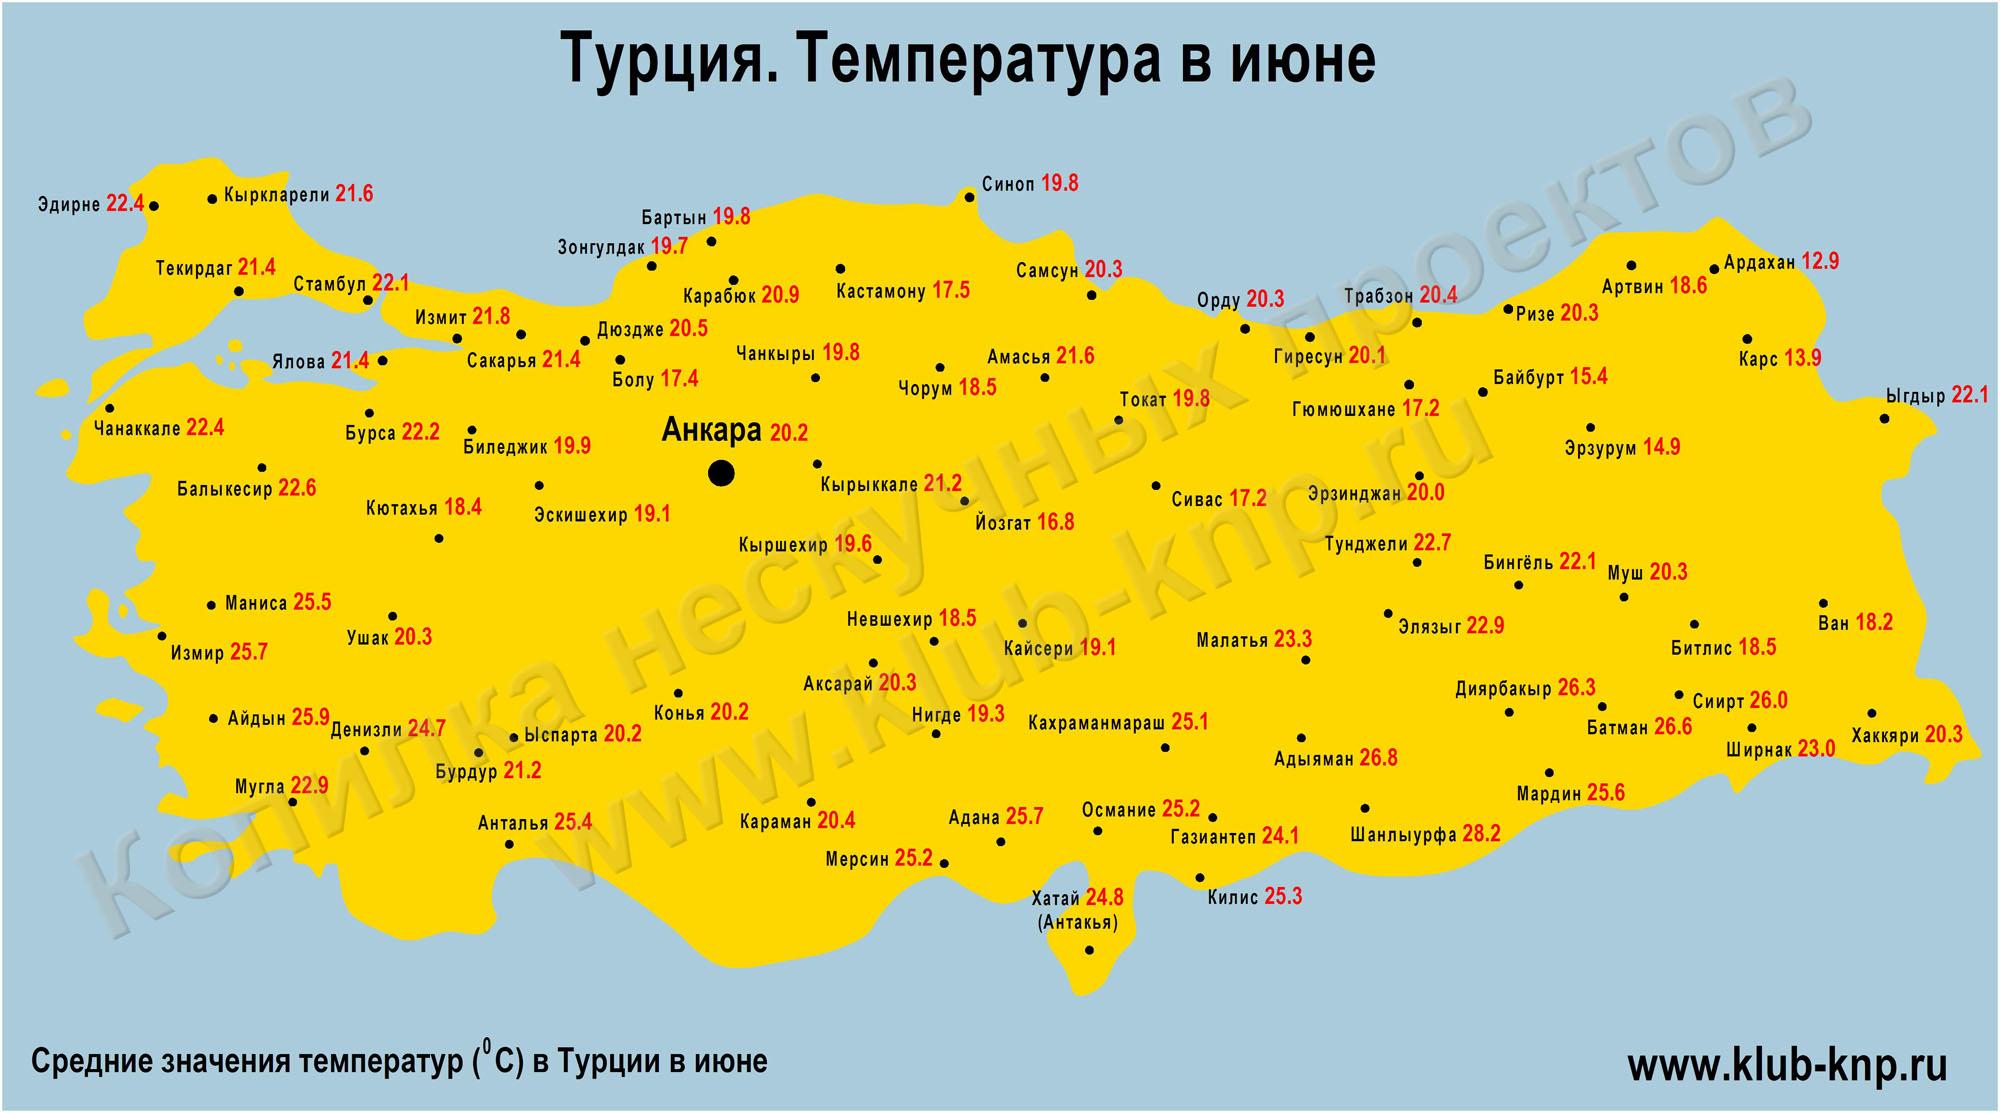 Погода в Турции в июне